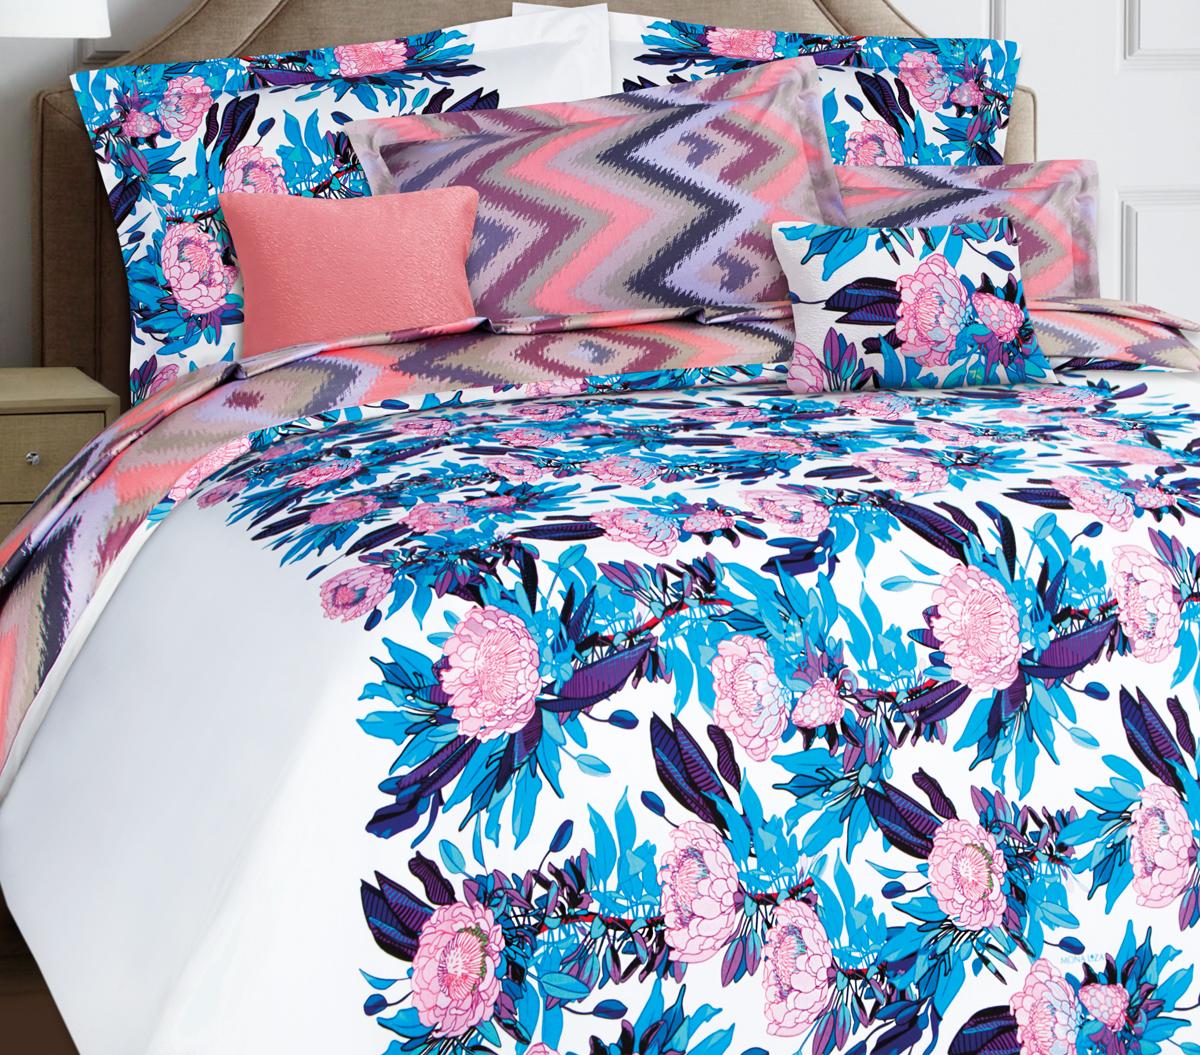 Комплект белья Mona Liza Premium Atelier Ikat, 1,5-спальный, наволочки 70x70. 5047-008 комплект белья mona liza stone topaz 1 5 спальный наволочки 70x70 551114 63